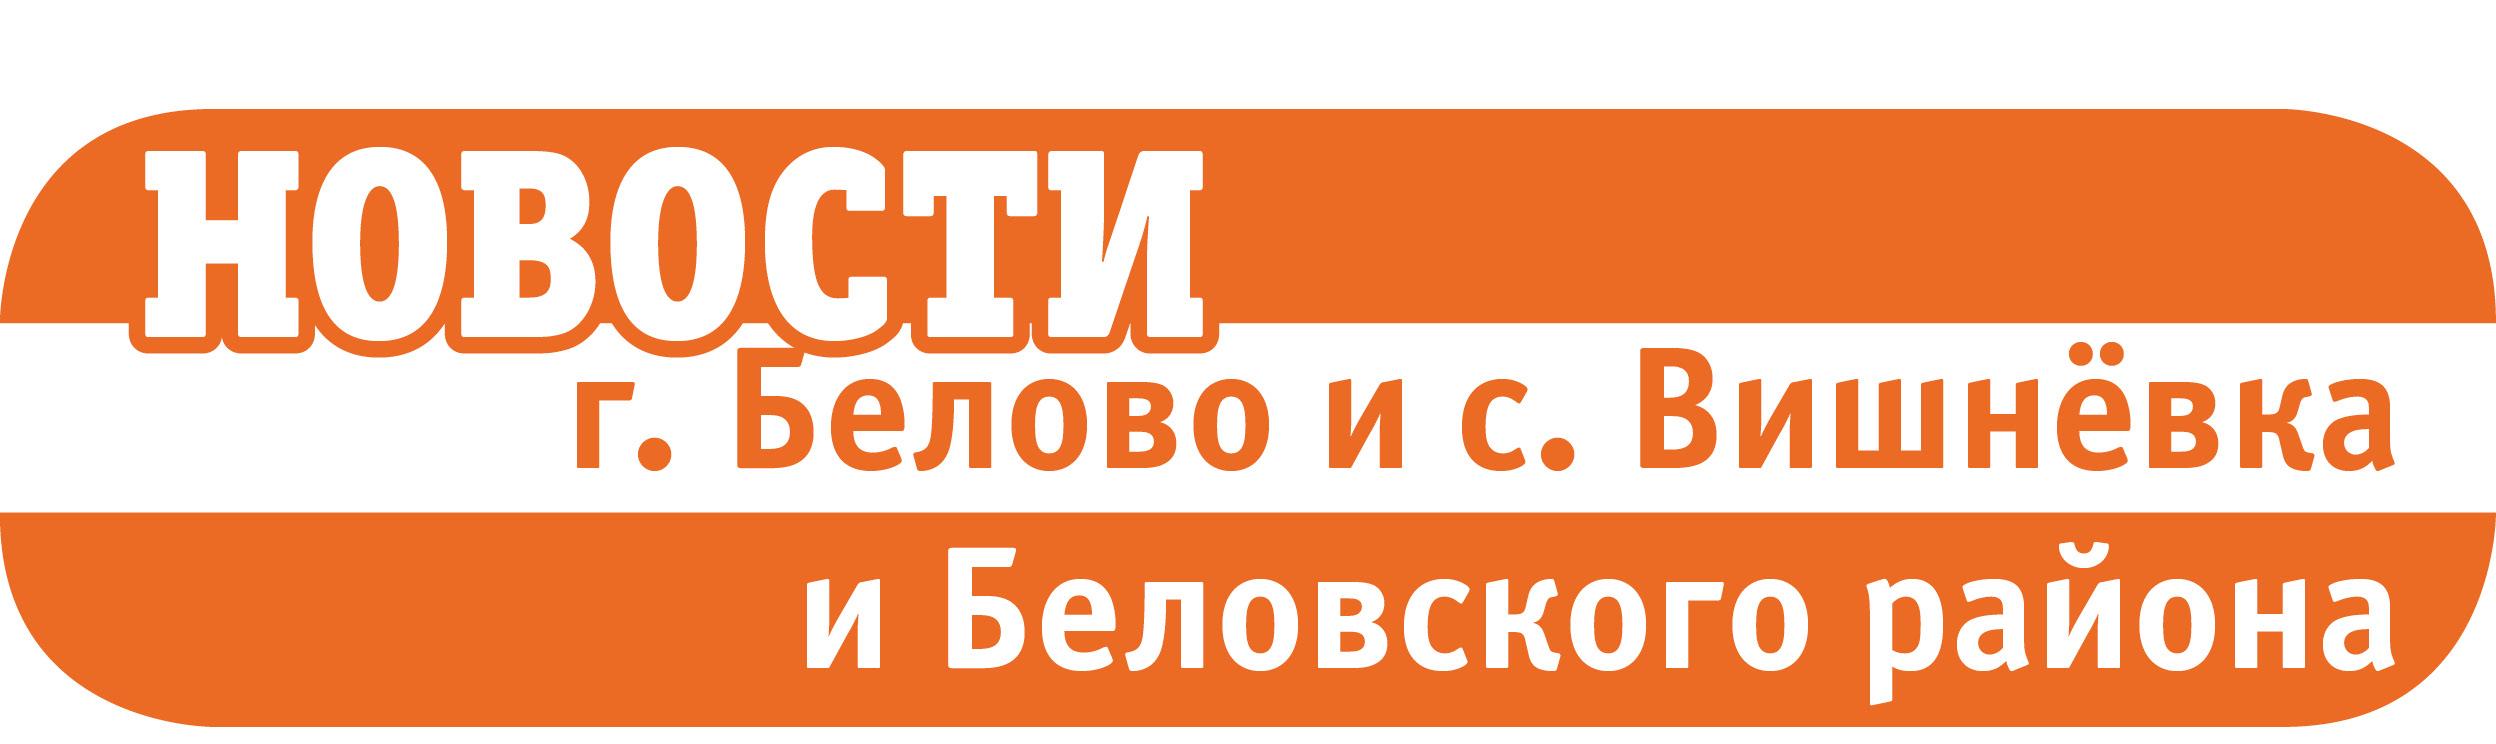 Подать объявление в беловскую газету разместить объявление г ковров